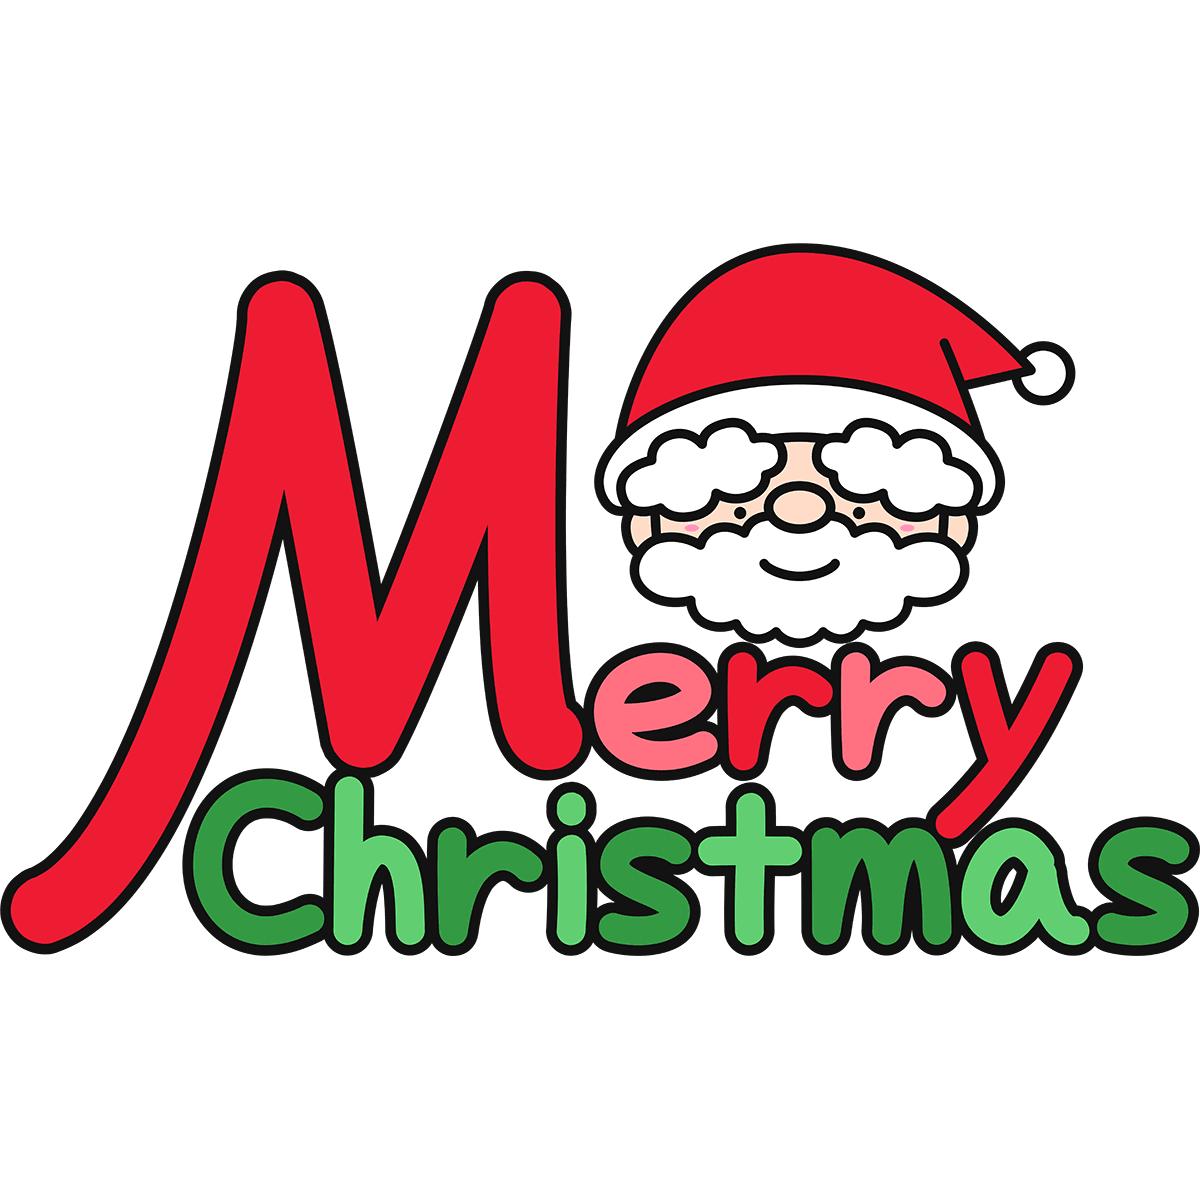 メリークリスマスとサンタクロースの無料イラスト